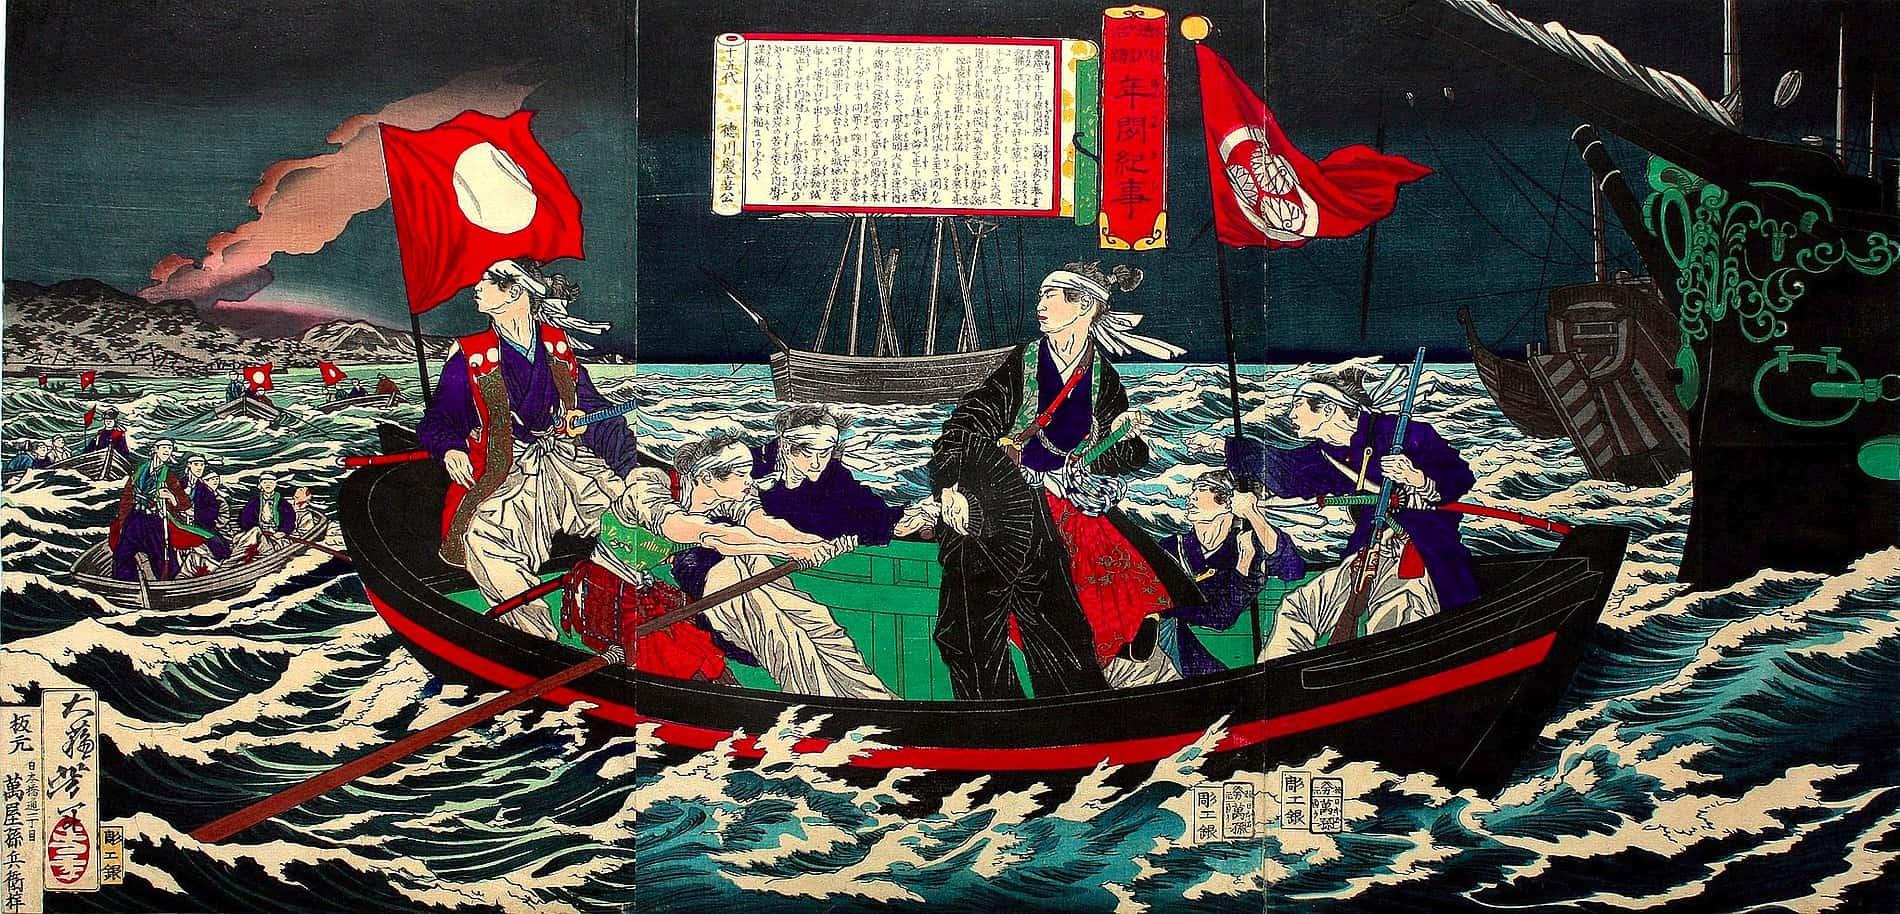 Shogun Yoshinobu leaving for Edo, as depicted by Yoshitoshi (1839 - 1892)